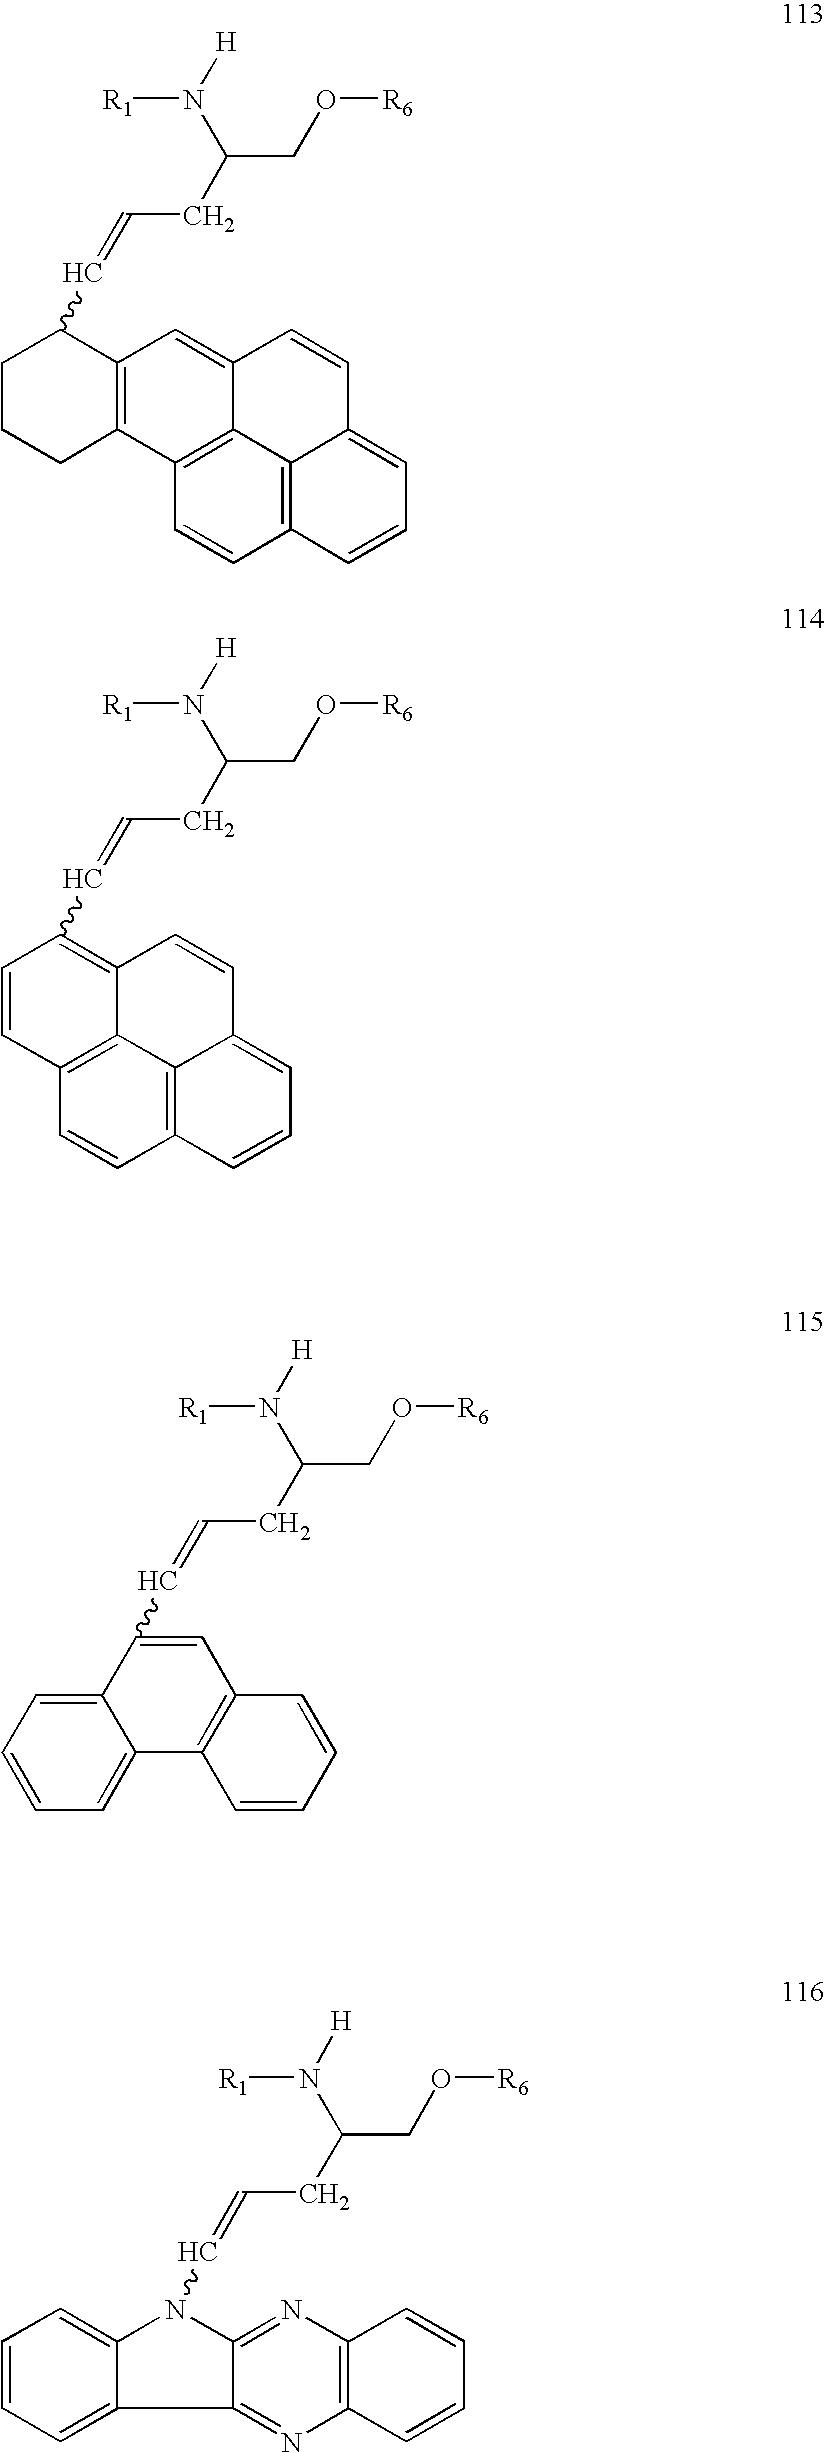 Figure US20060014144A1-20060119-C00112